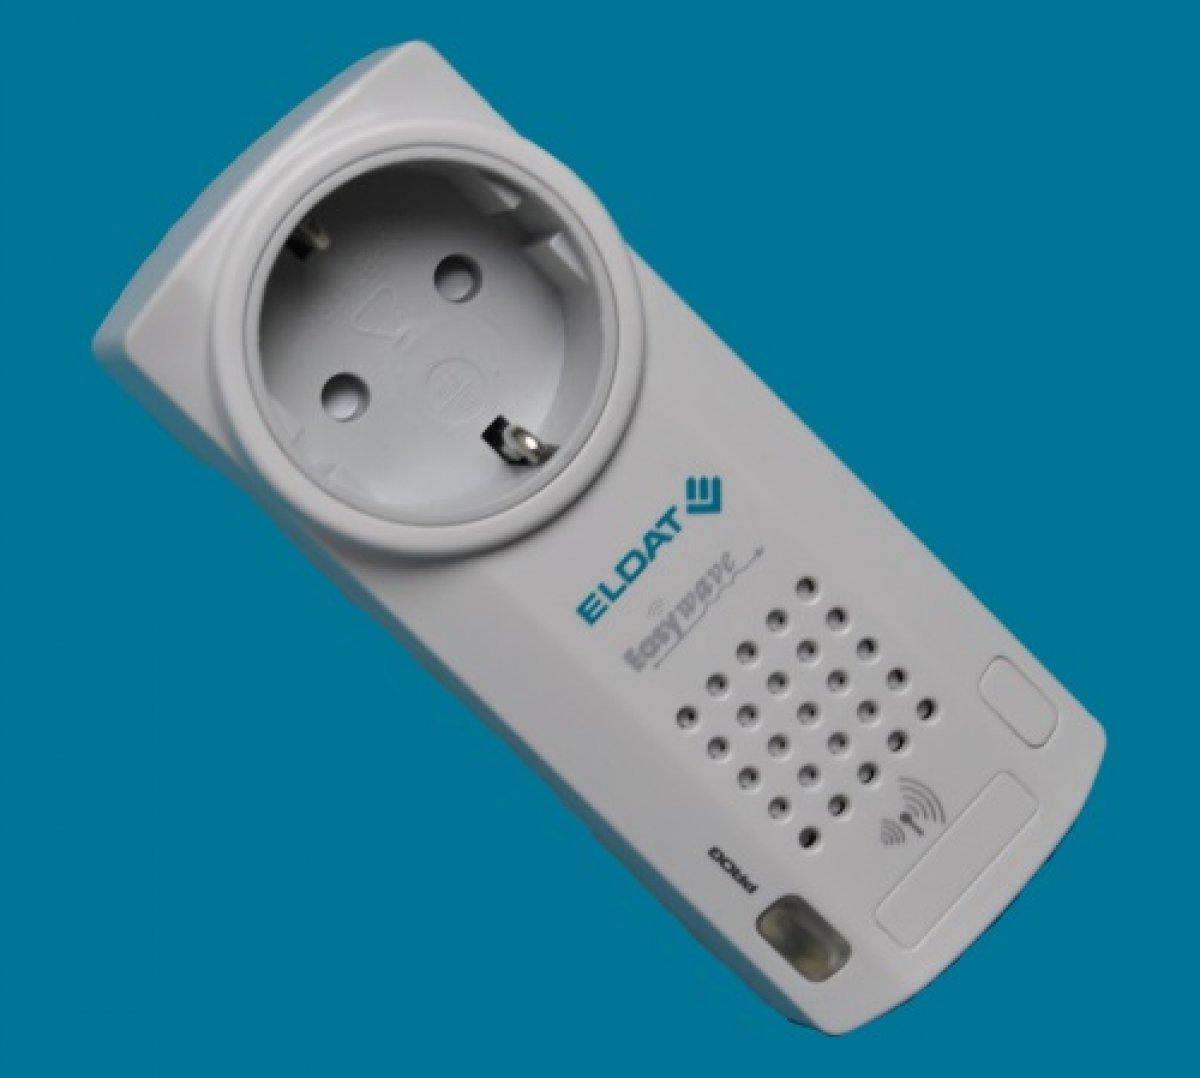 Funksteuerung für Rauchsauger